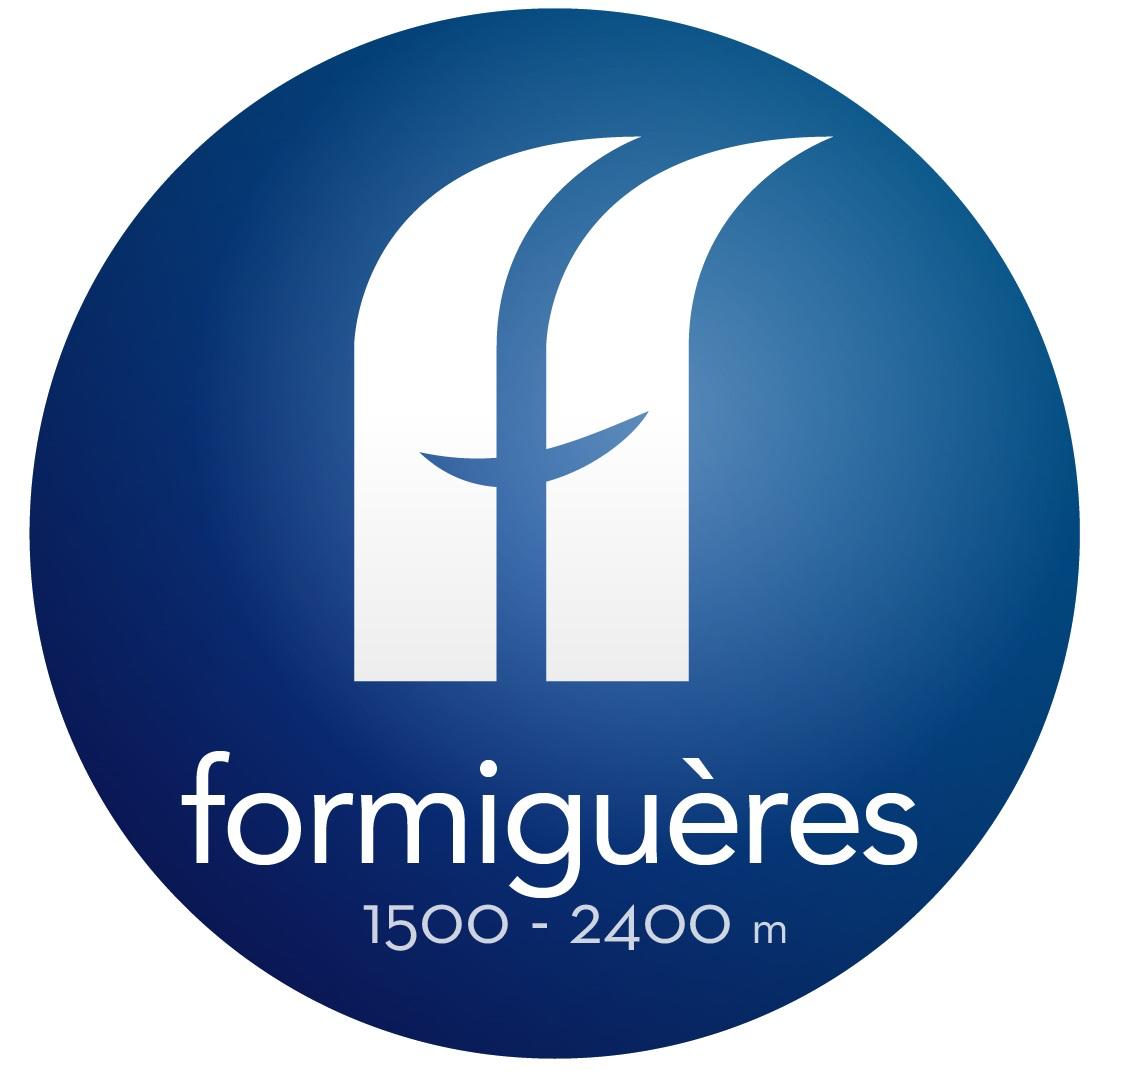 FORMIGUERES